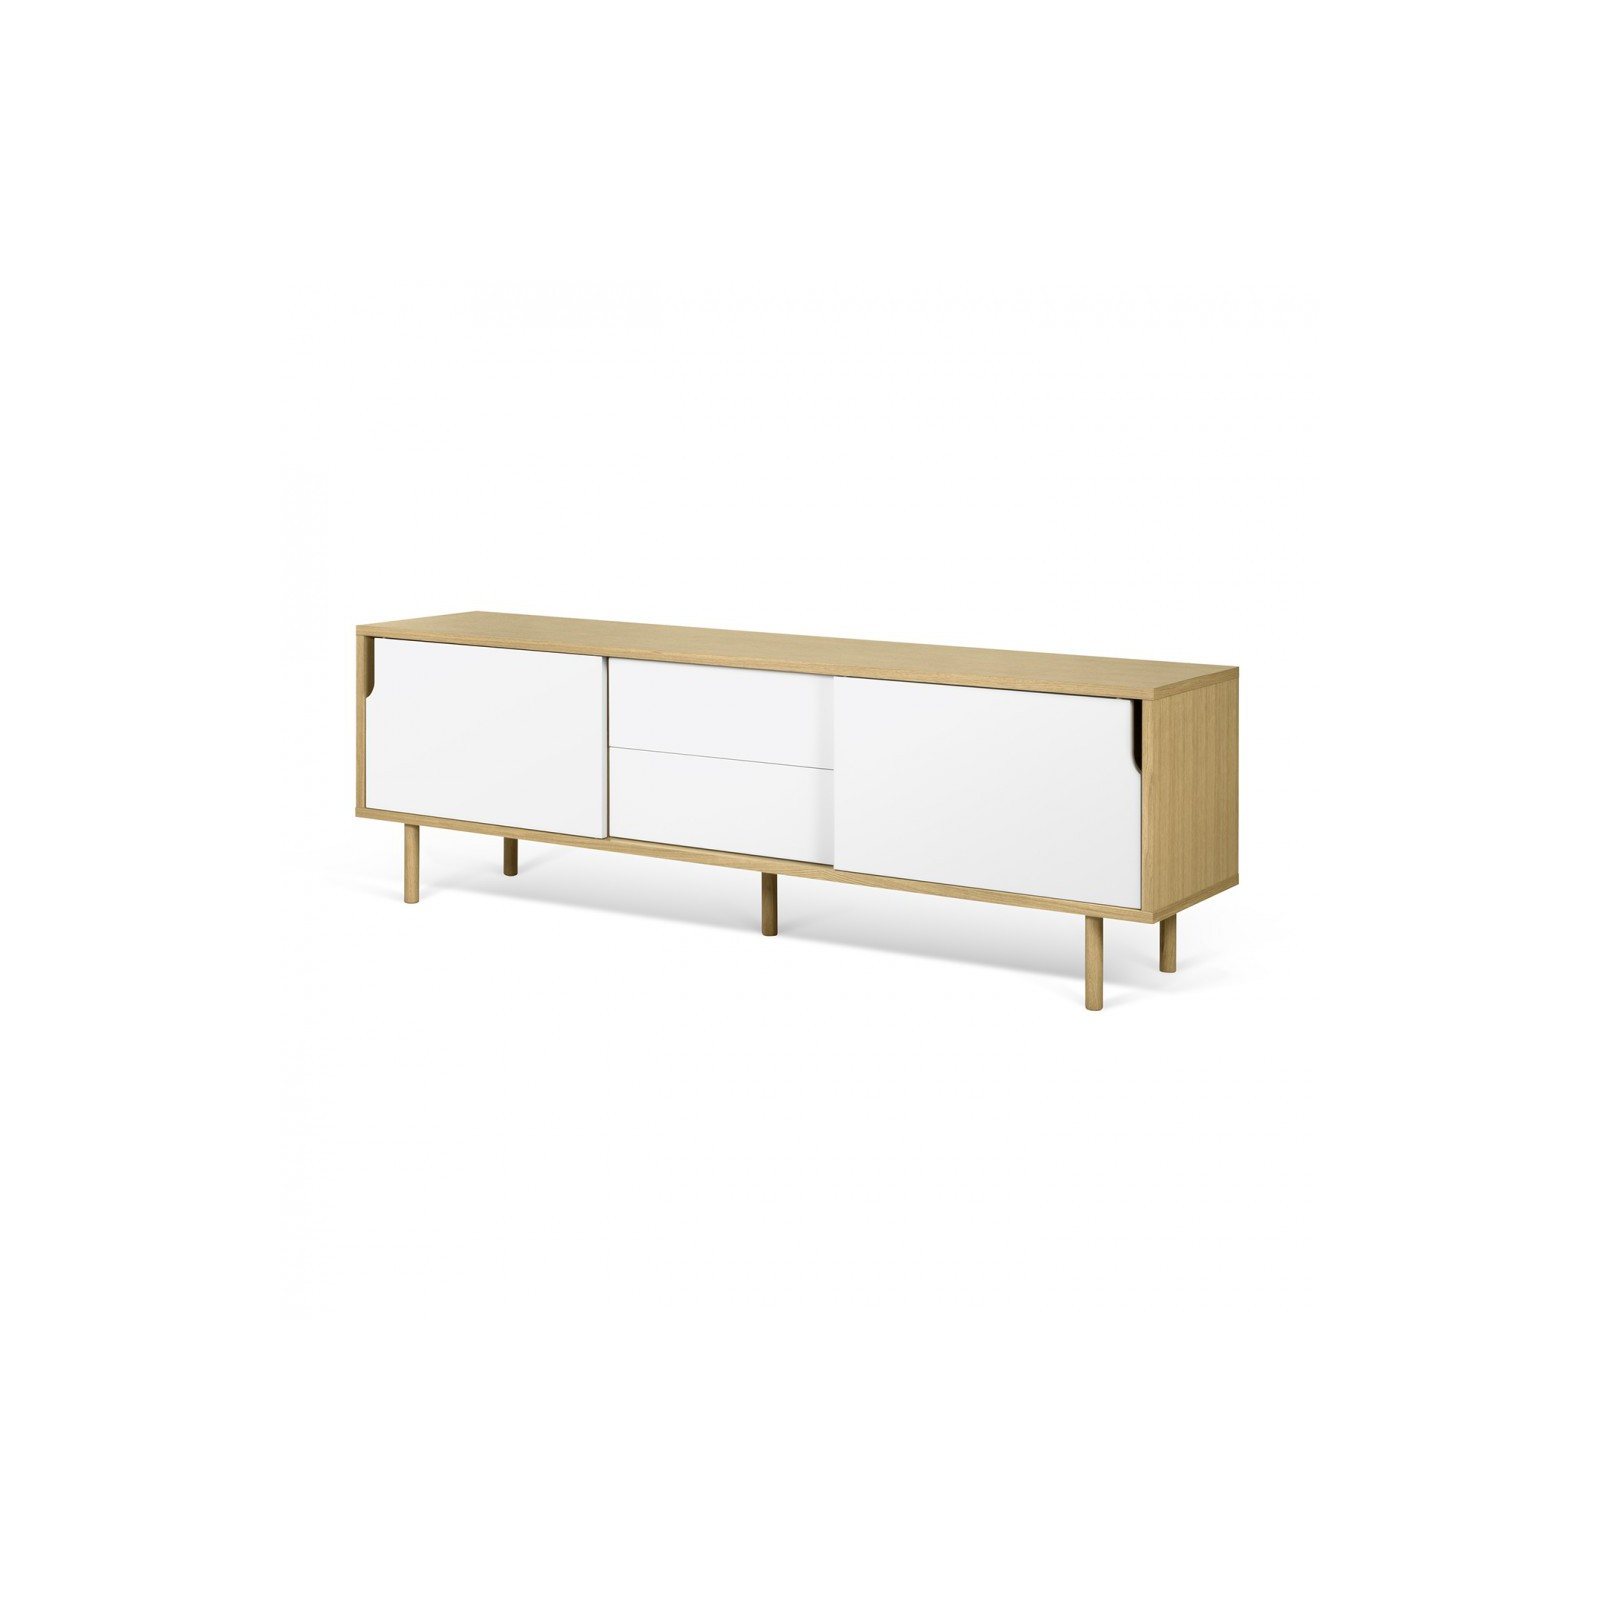 Meuble tv danois blanc et bois arne concept for Avis sur meubles concept